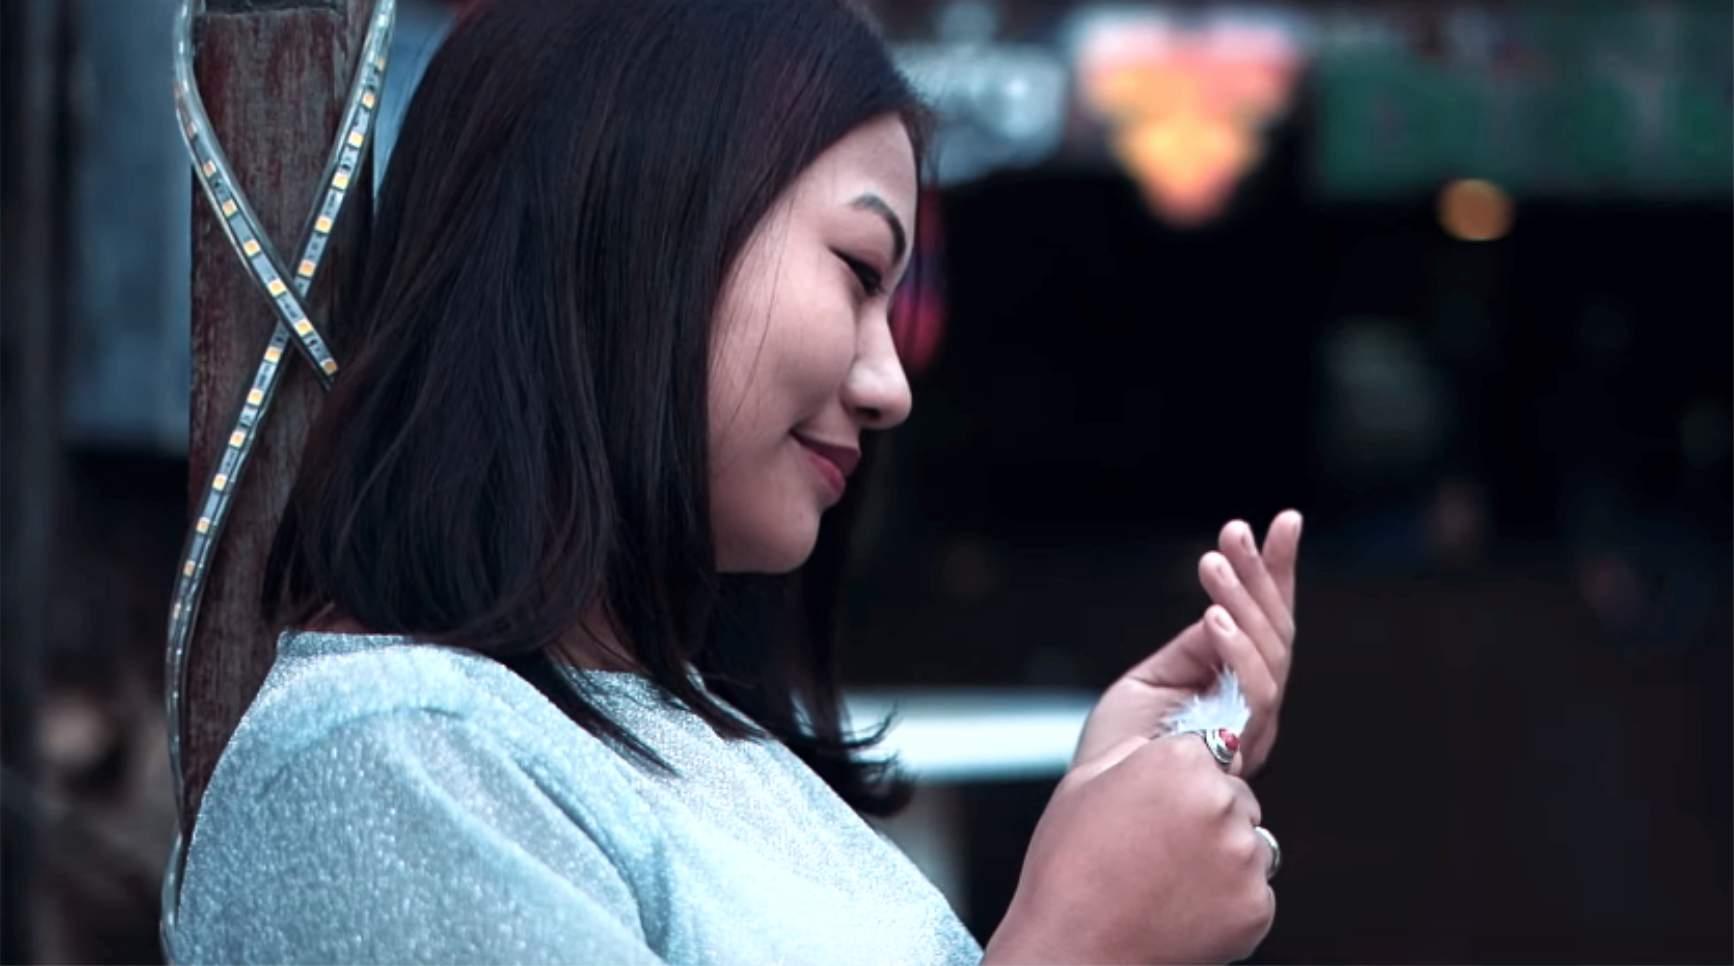 सुनिताको सुमधुर आवाजमा 'तिम्रो मुटुमा' सार्वजनिक(भिडियो सहित)